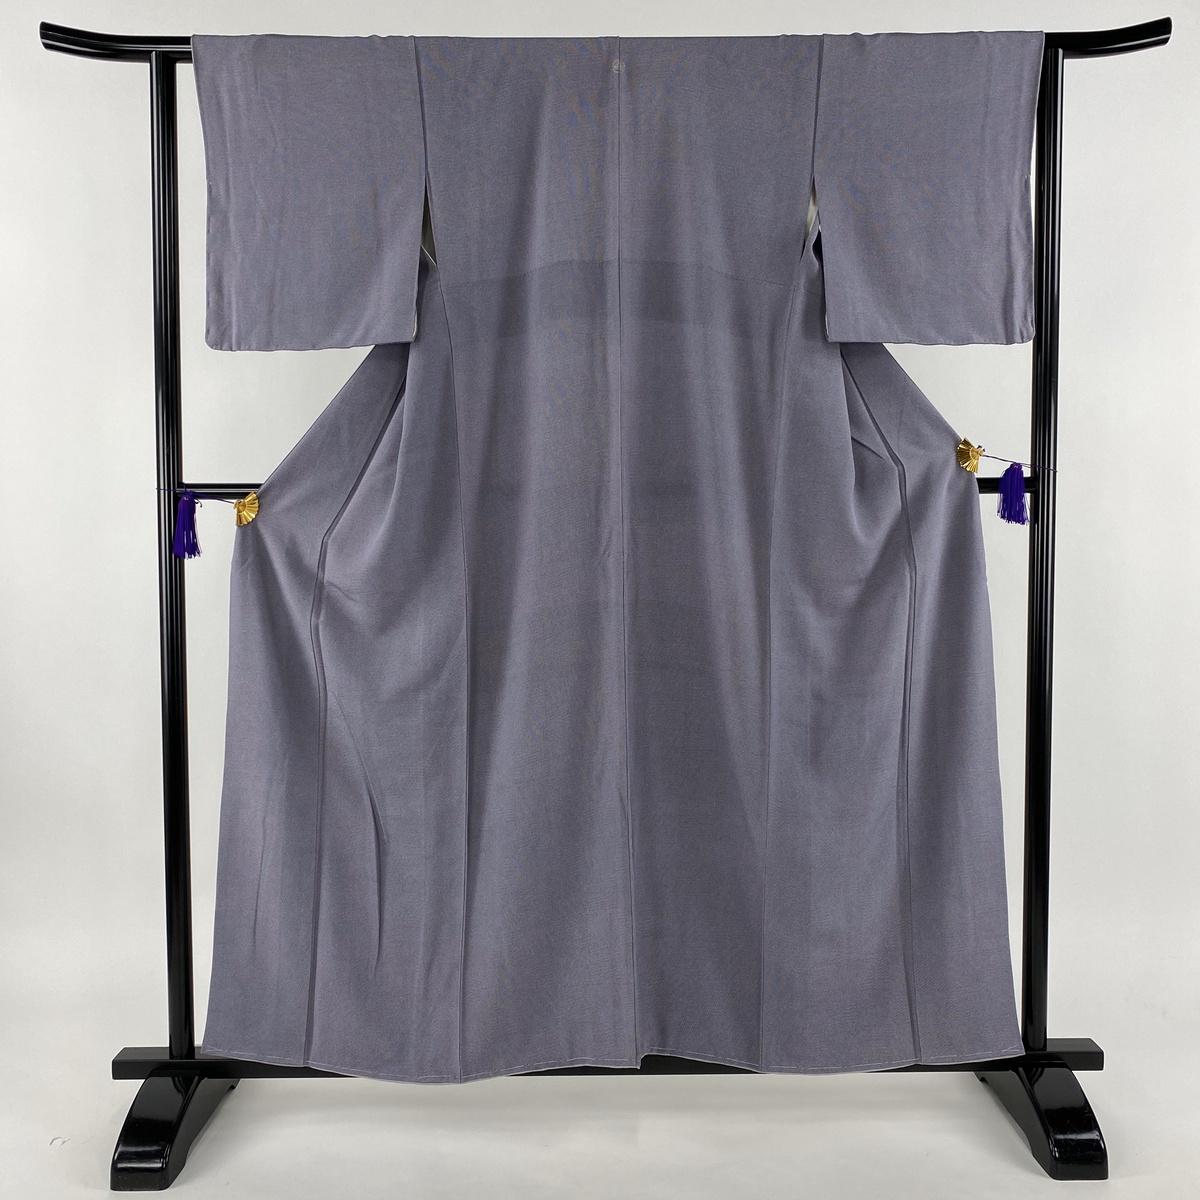 江戸小紋 美品 名品 落款あり 一つ紋 砂川健一 市松 行儀と通し 紫 袷 身丈156cm 裄丈62.5cm S 正絹 【中古】